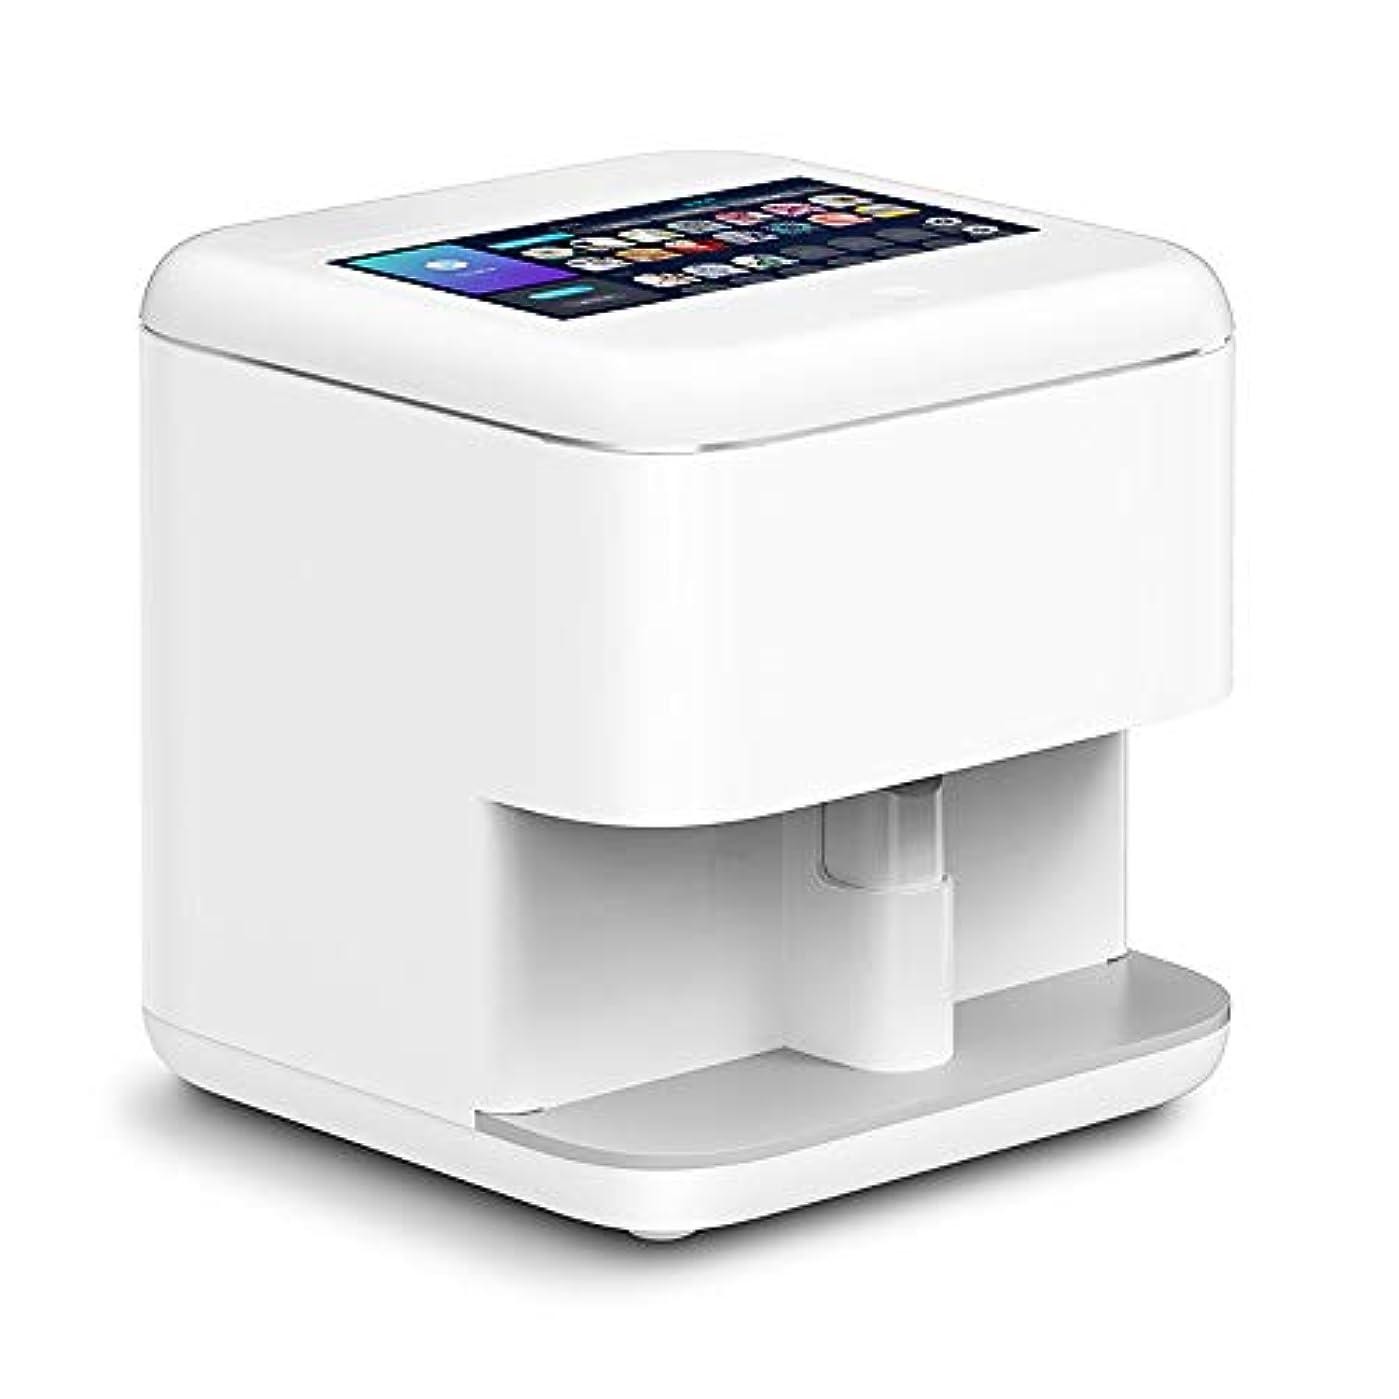 差別フリンジ製油所自動ネイル塗装機多機能ポータブルモバイルWIFI無線やすいオールインテリジェントな3Dネイルプリンタ